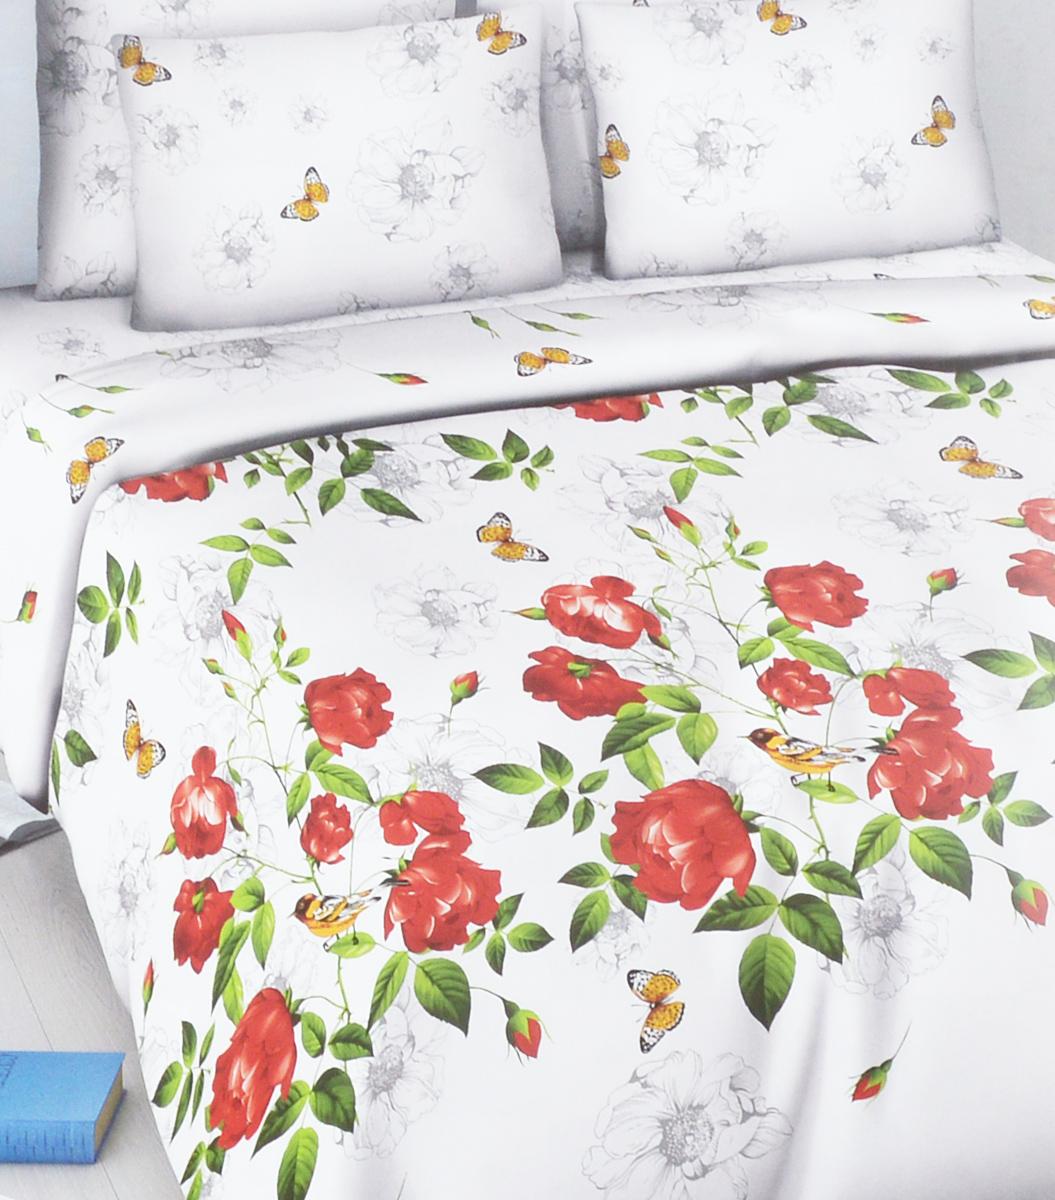 Комплект белья Василиса Свежесть утра, семейный, наволочки 70х705664/сКомплект белья Василиса Свежесть утра, выполненный из набивной бязи (100% хлопок), состоит из двух пододеяльников, простыни и двух наволочек.Бязь - хлопчатобумажная ткань полотняного переплетения без искусственных добавок. Большое количество нитей делает эту ткань более плотной, более долговечной. Высокая плотность ткани позволяет сохранить форму изделия, его первоначальные размеры и первозданный рисунок.Приобретая комплект постельного белья Василиса, вы можете быть уверенны в том, что покупка доставит вам и вашим близким удовольствие и подарит максимальный комфорт.